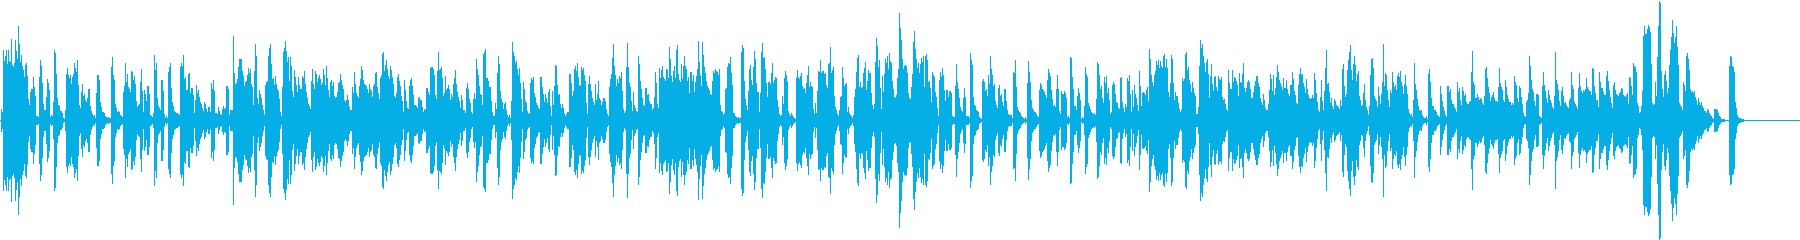 ビックバンドJAZZの再生済みの波形